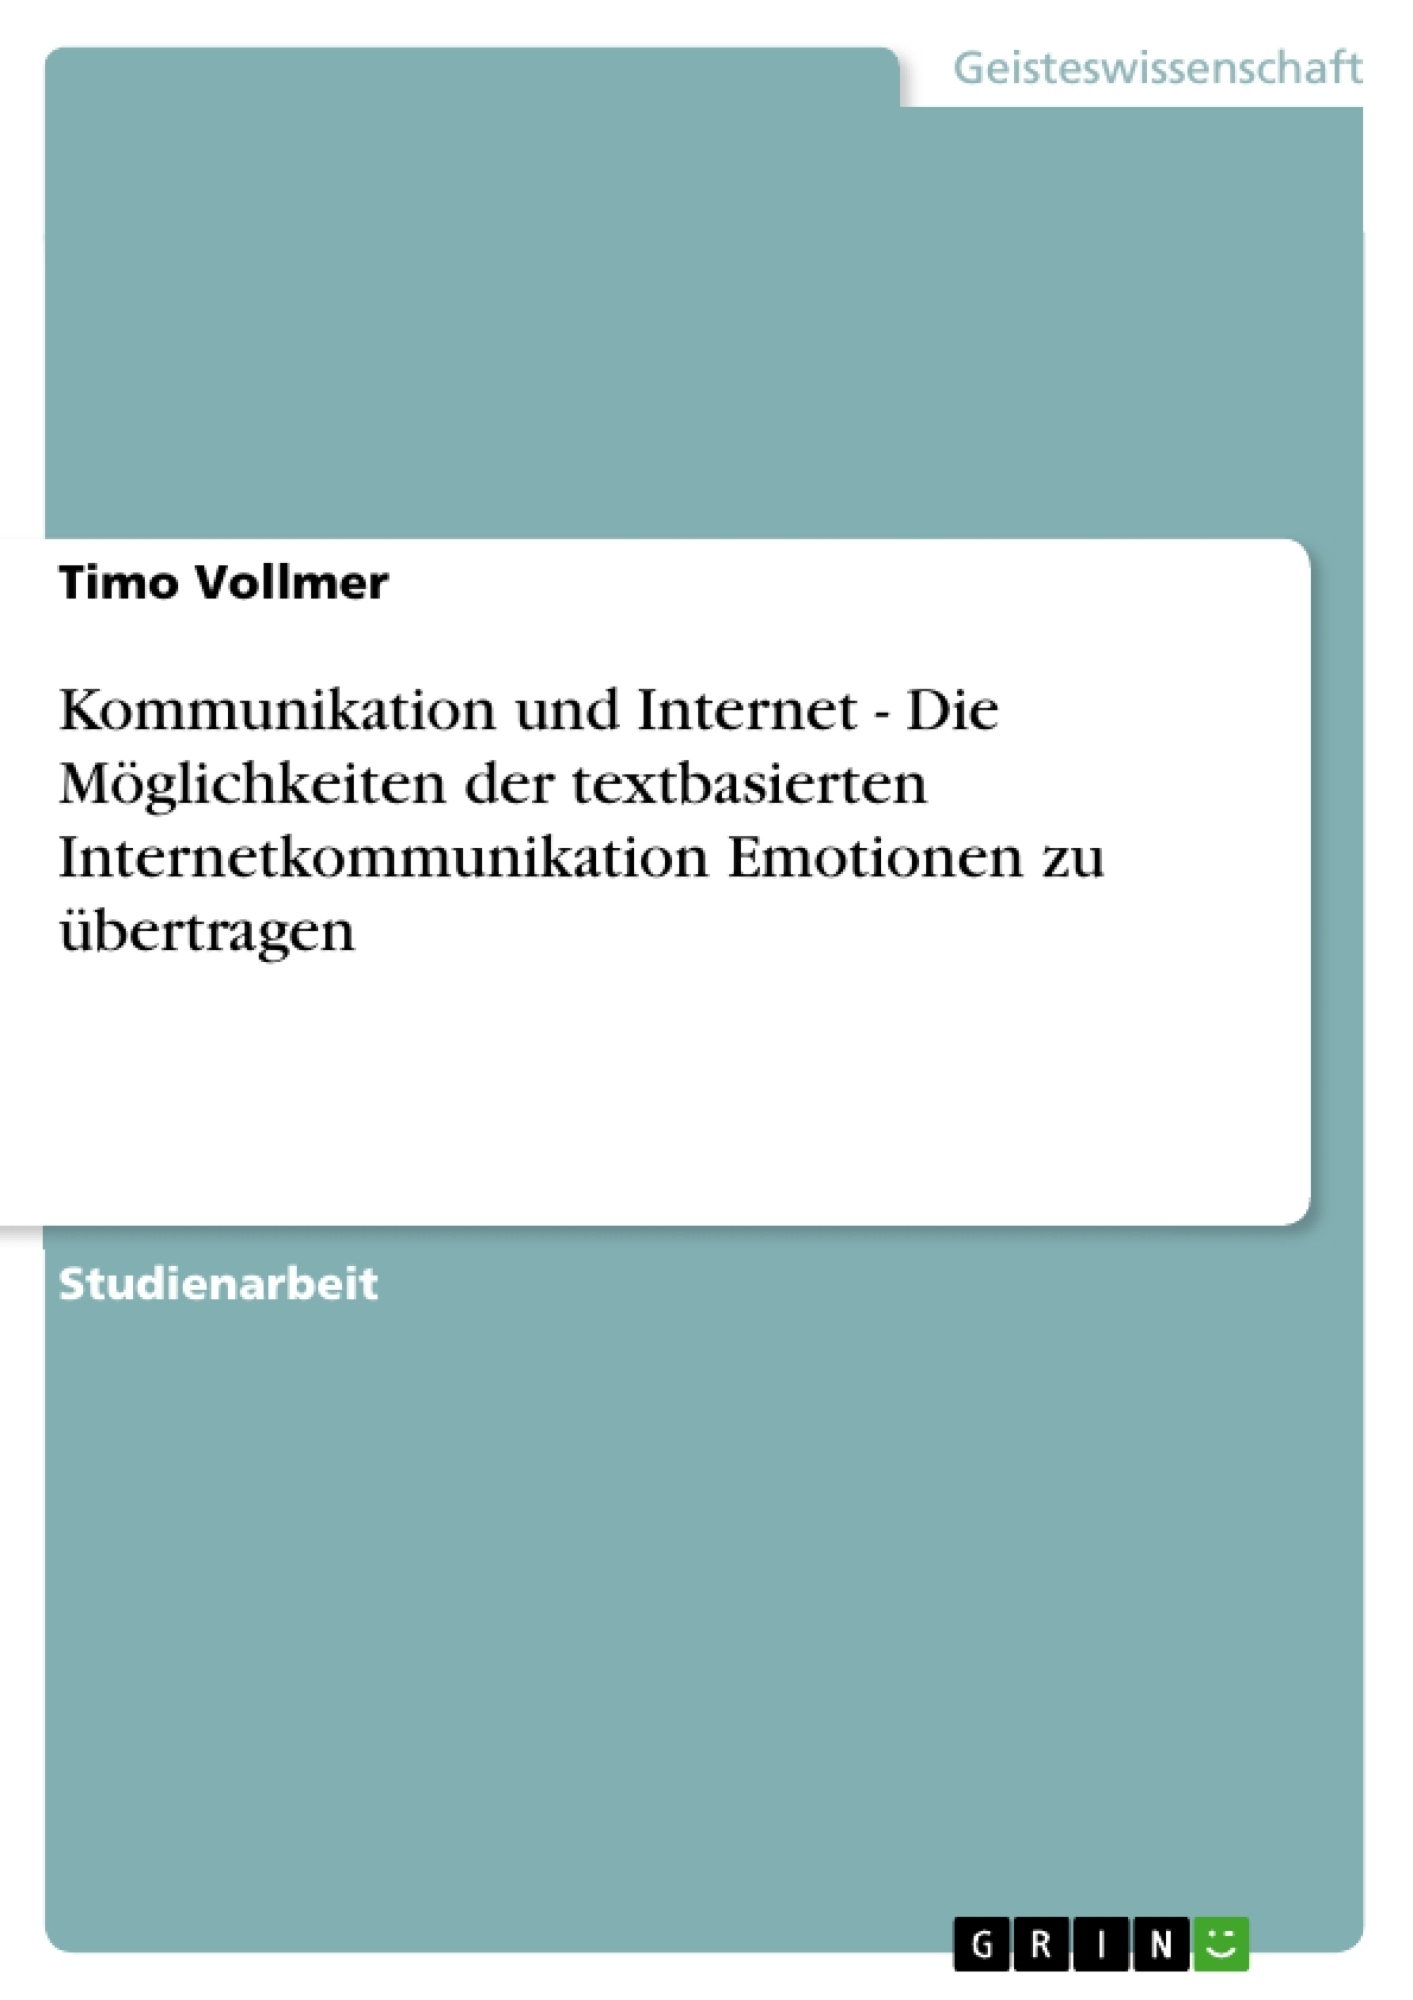 Titel: Kommunikation und Internet - Die Möglichkeiten der textbasierten Internetkommunikation Emotionen zu übertragen